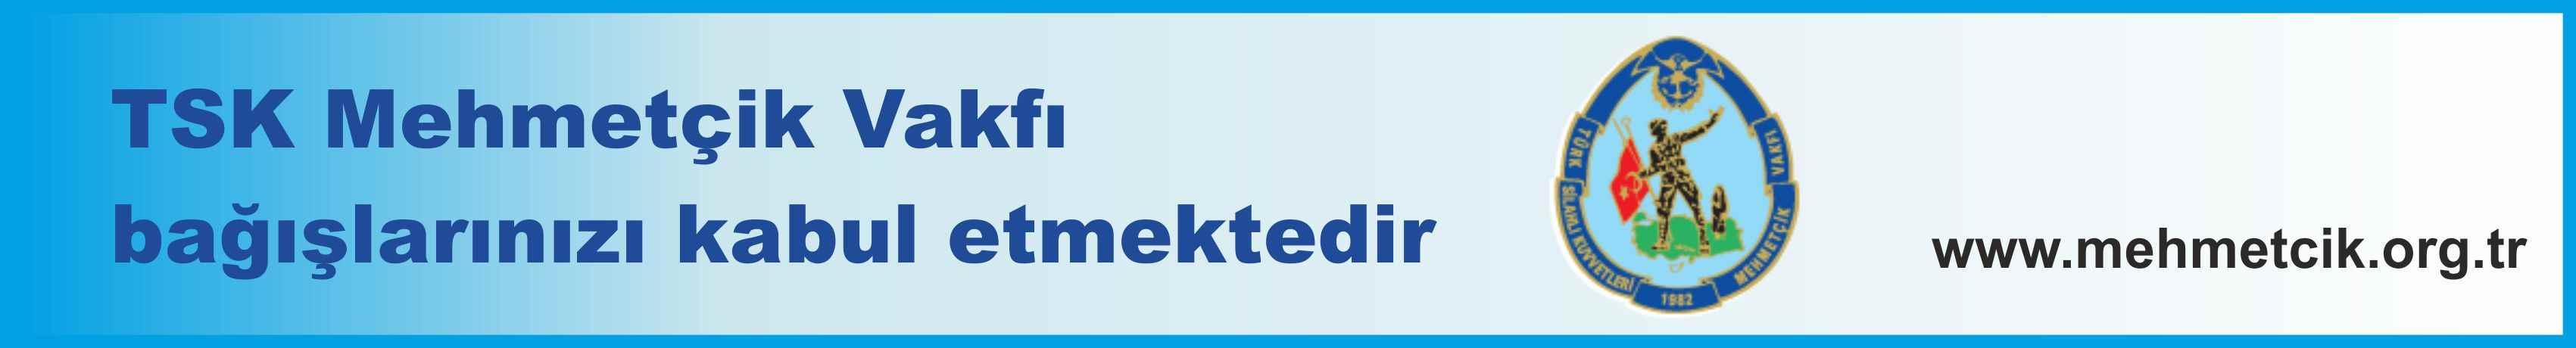 genckobi_banner